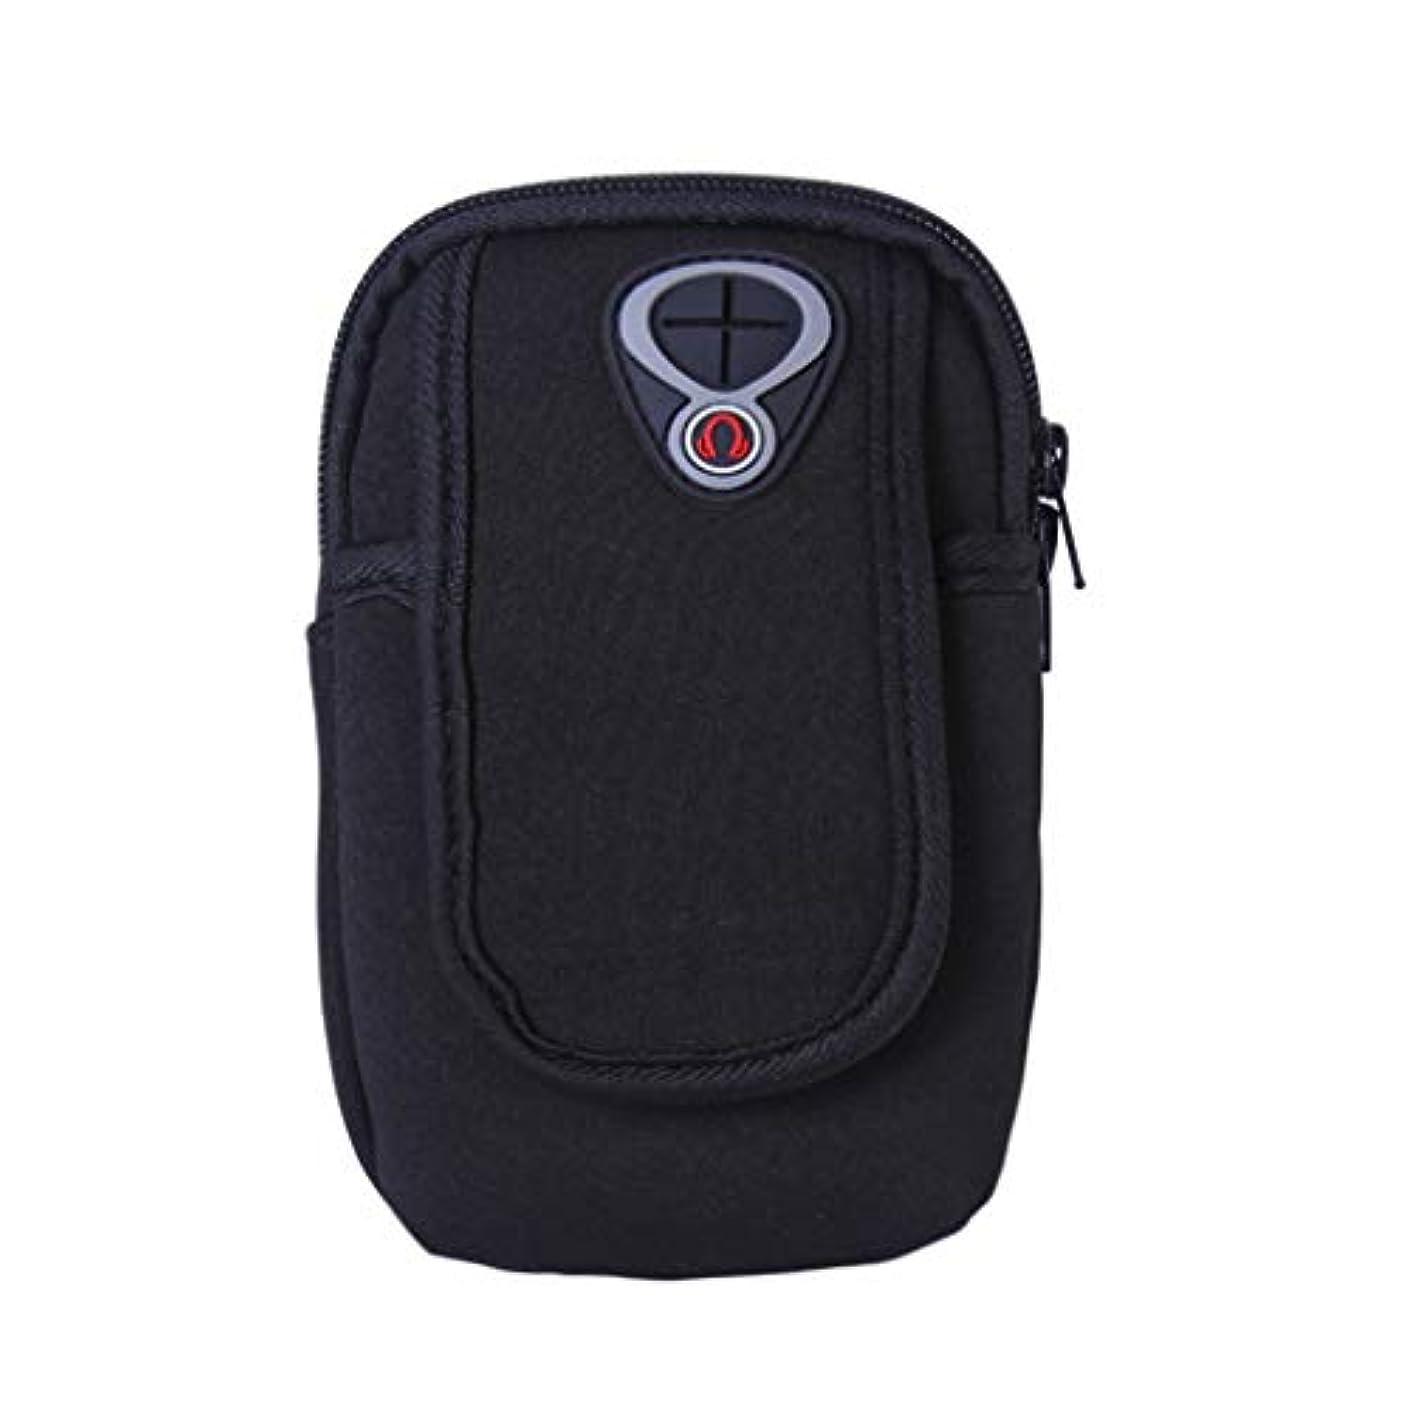 ワーカーやろう宣伝スマートフォンホルダー 携帯ケース YOKINO 通気性抜群 小物収納 防水防汗 軽量 縫い目なし 調節可能 男女共用